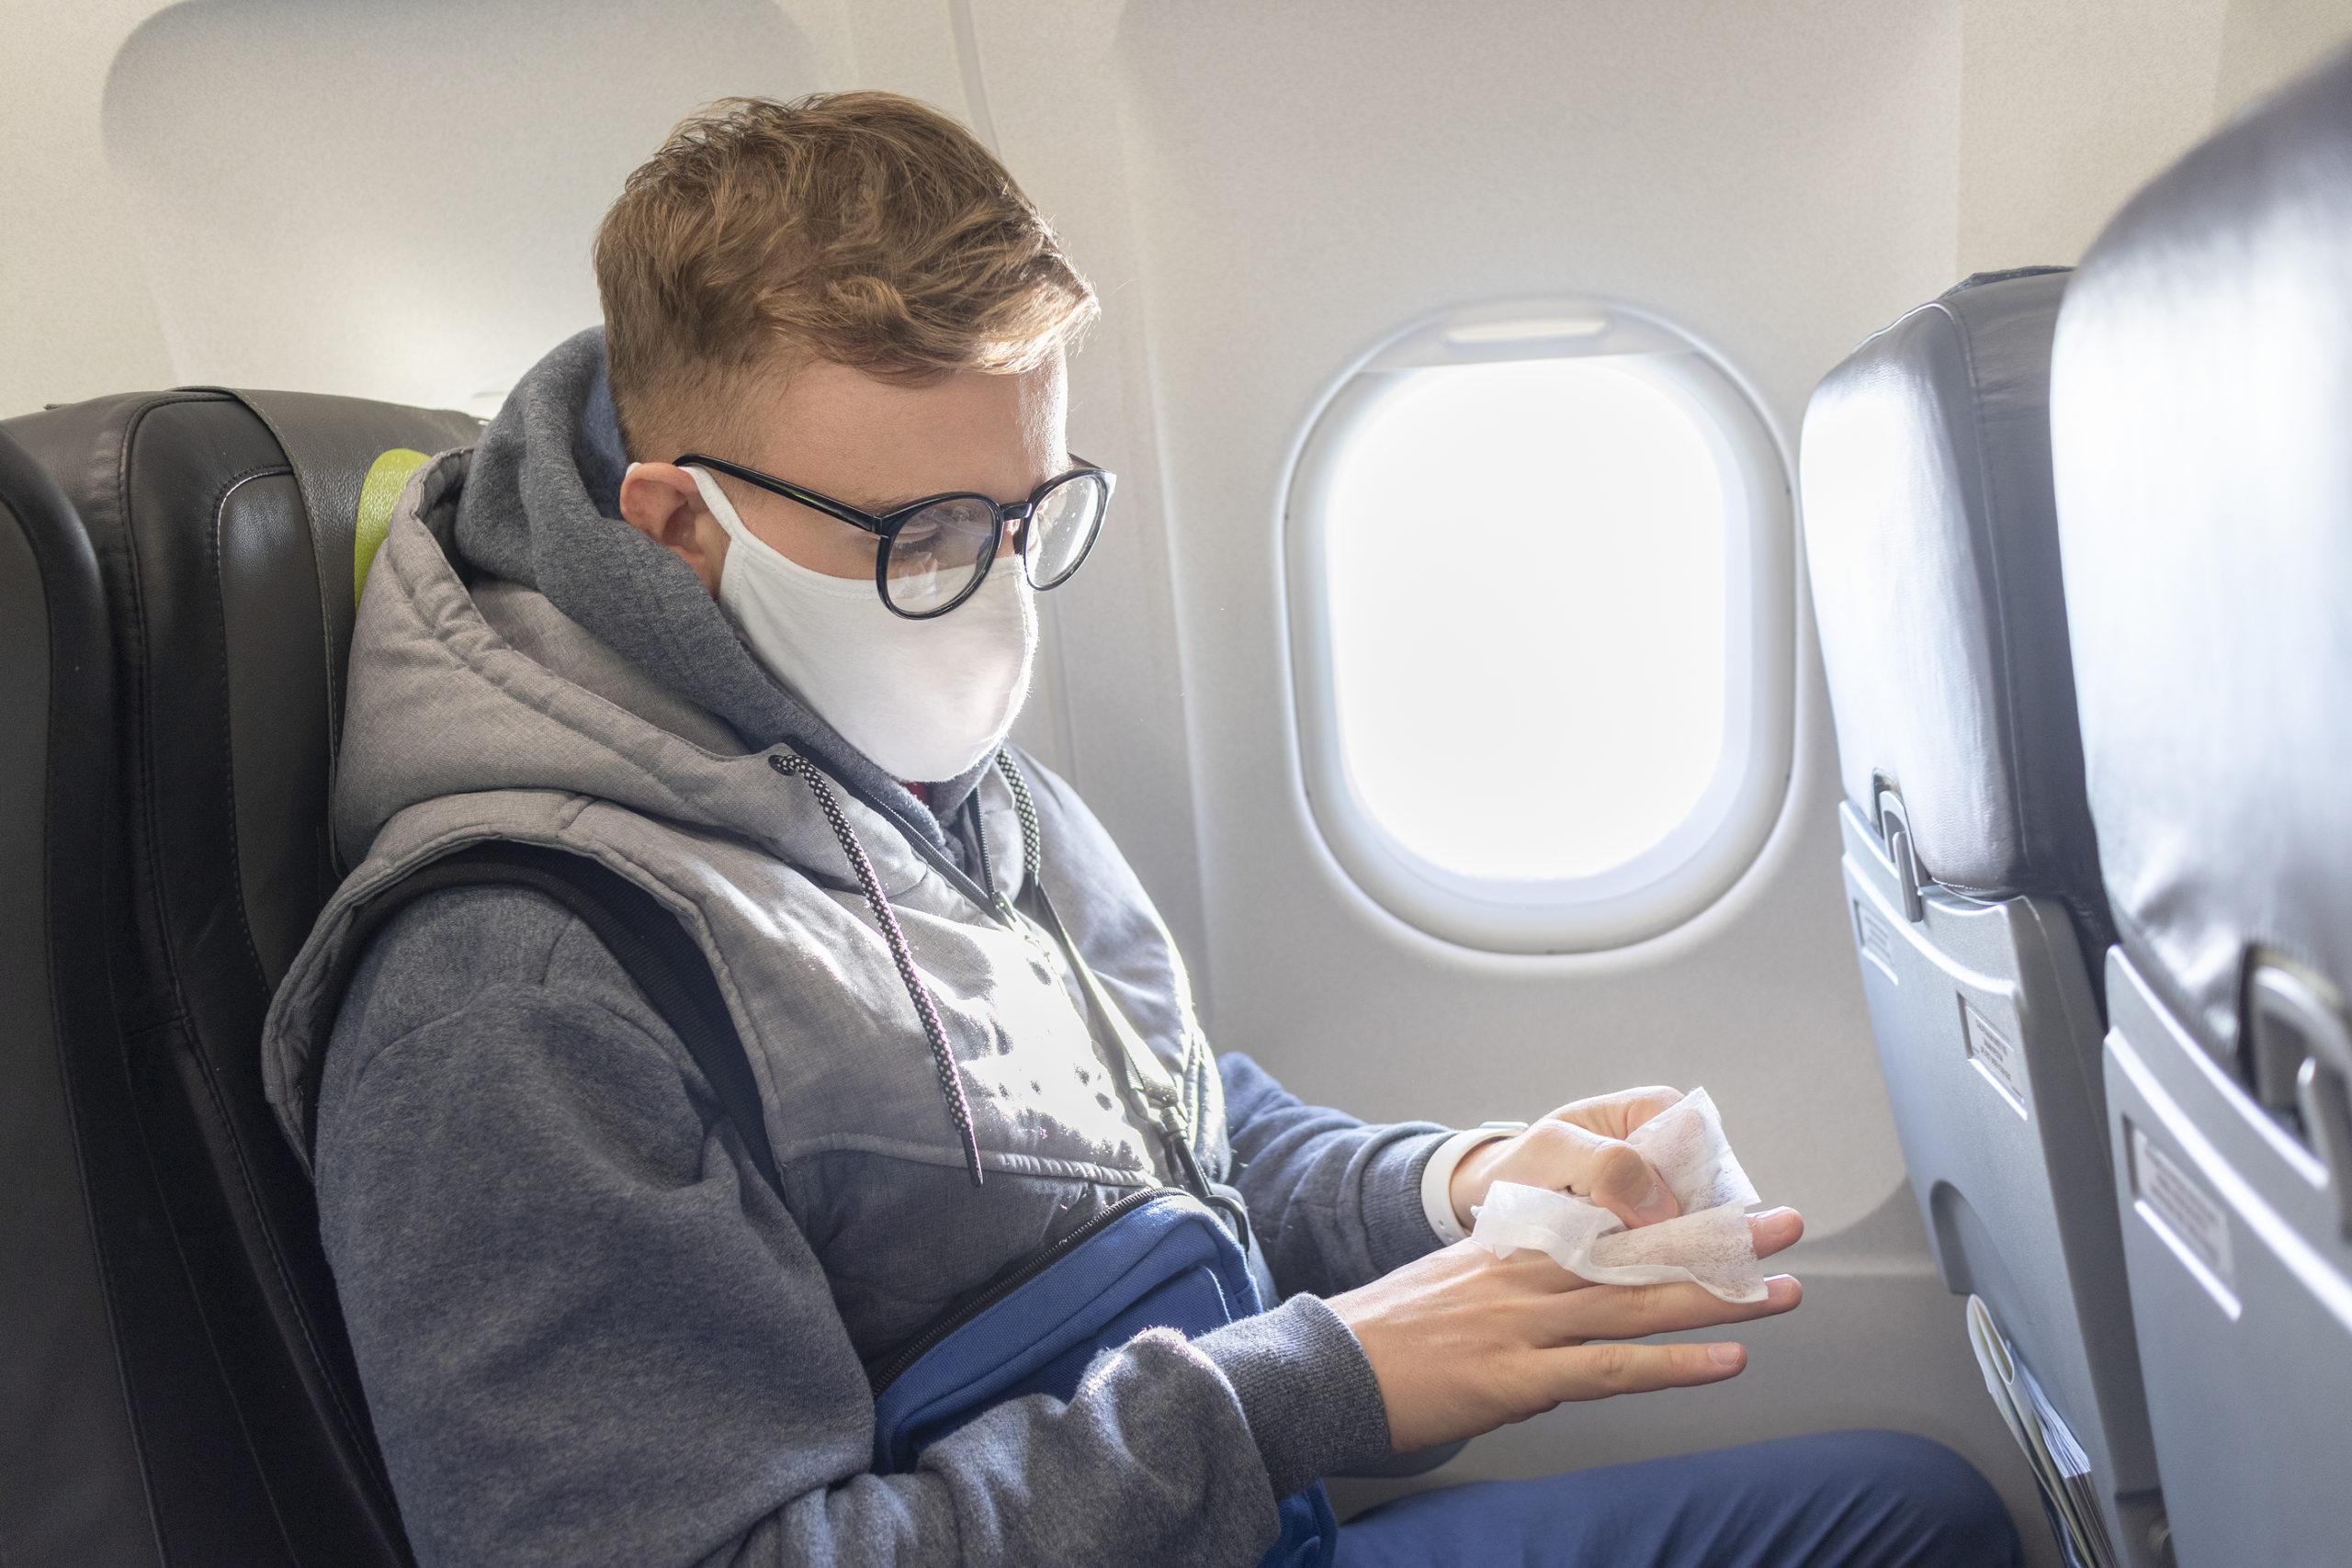 Alaska Airlines: No mask? No travel. No exceptions!